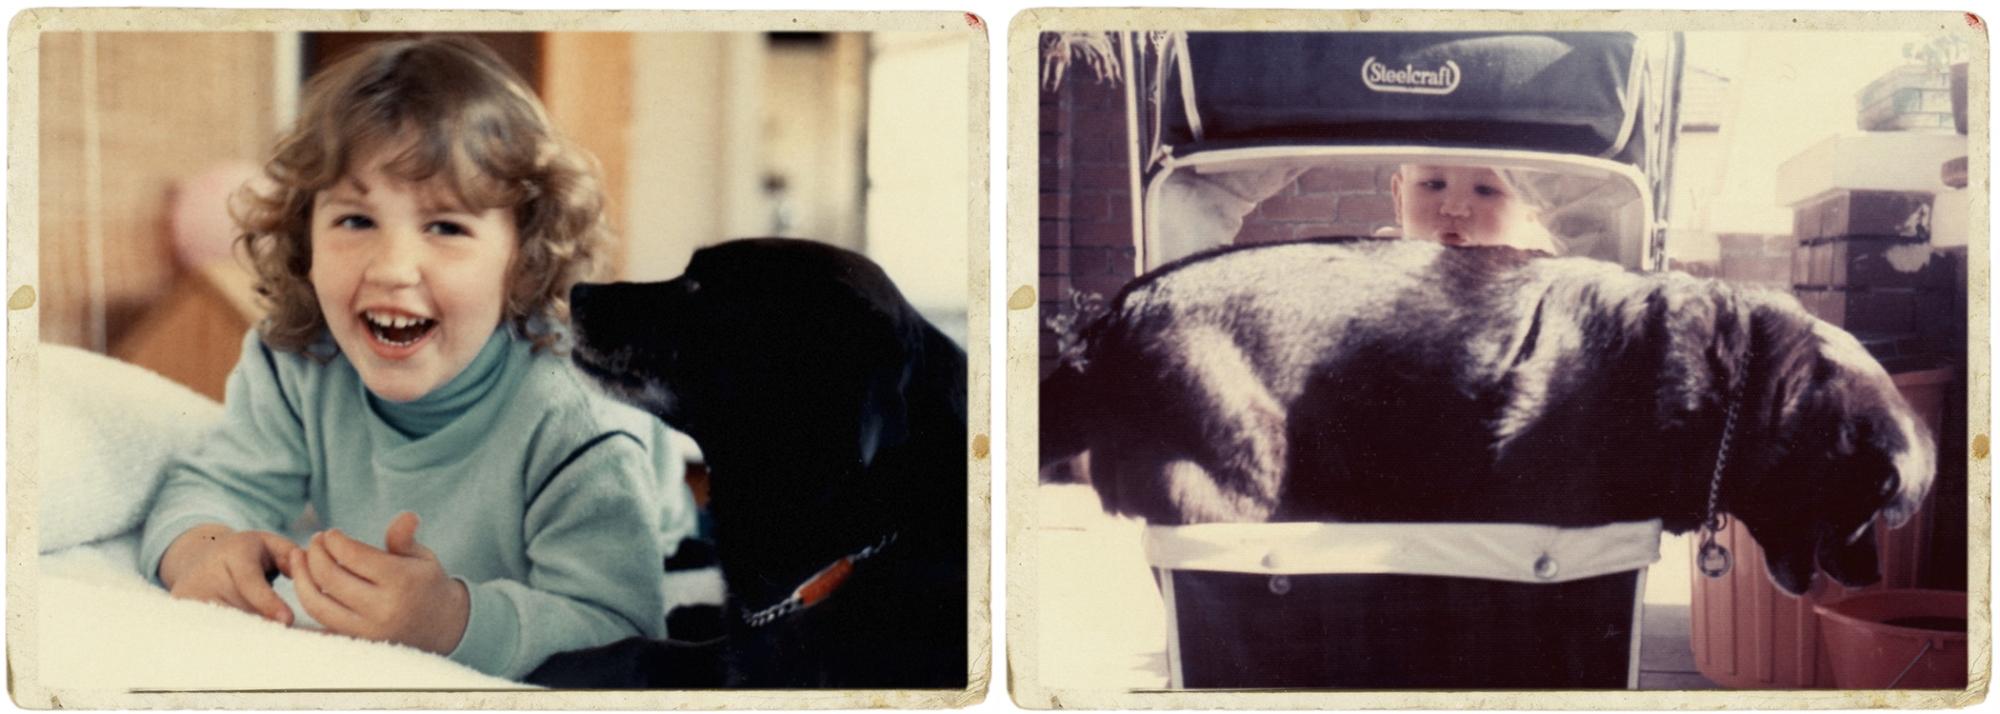 Kristie lee photographer 02